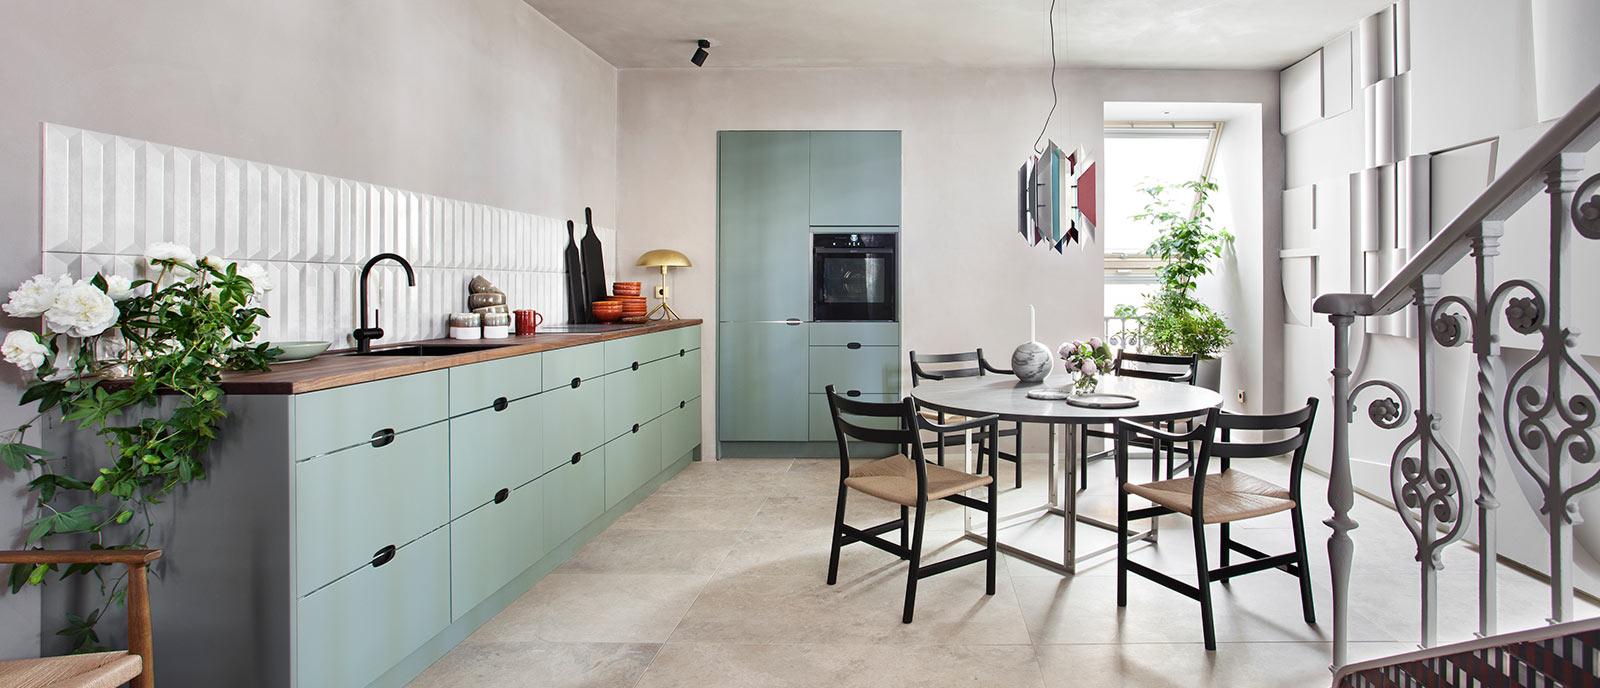 Espacio Danish Design Plus – Apartamento «Danish Living & Nueva Bauhaus»